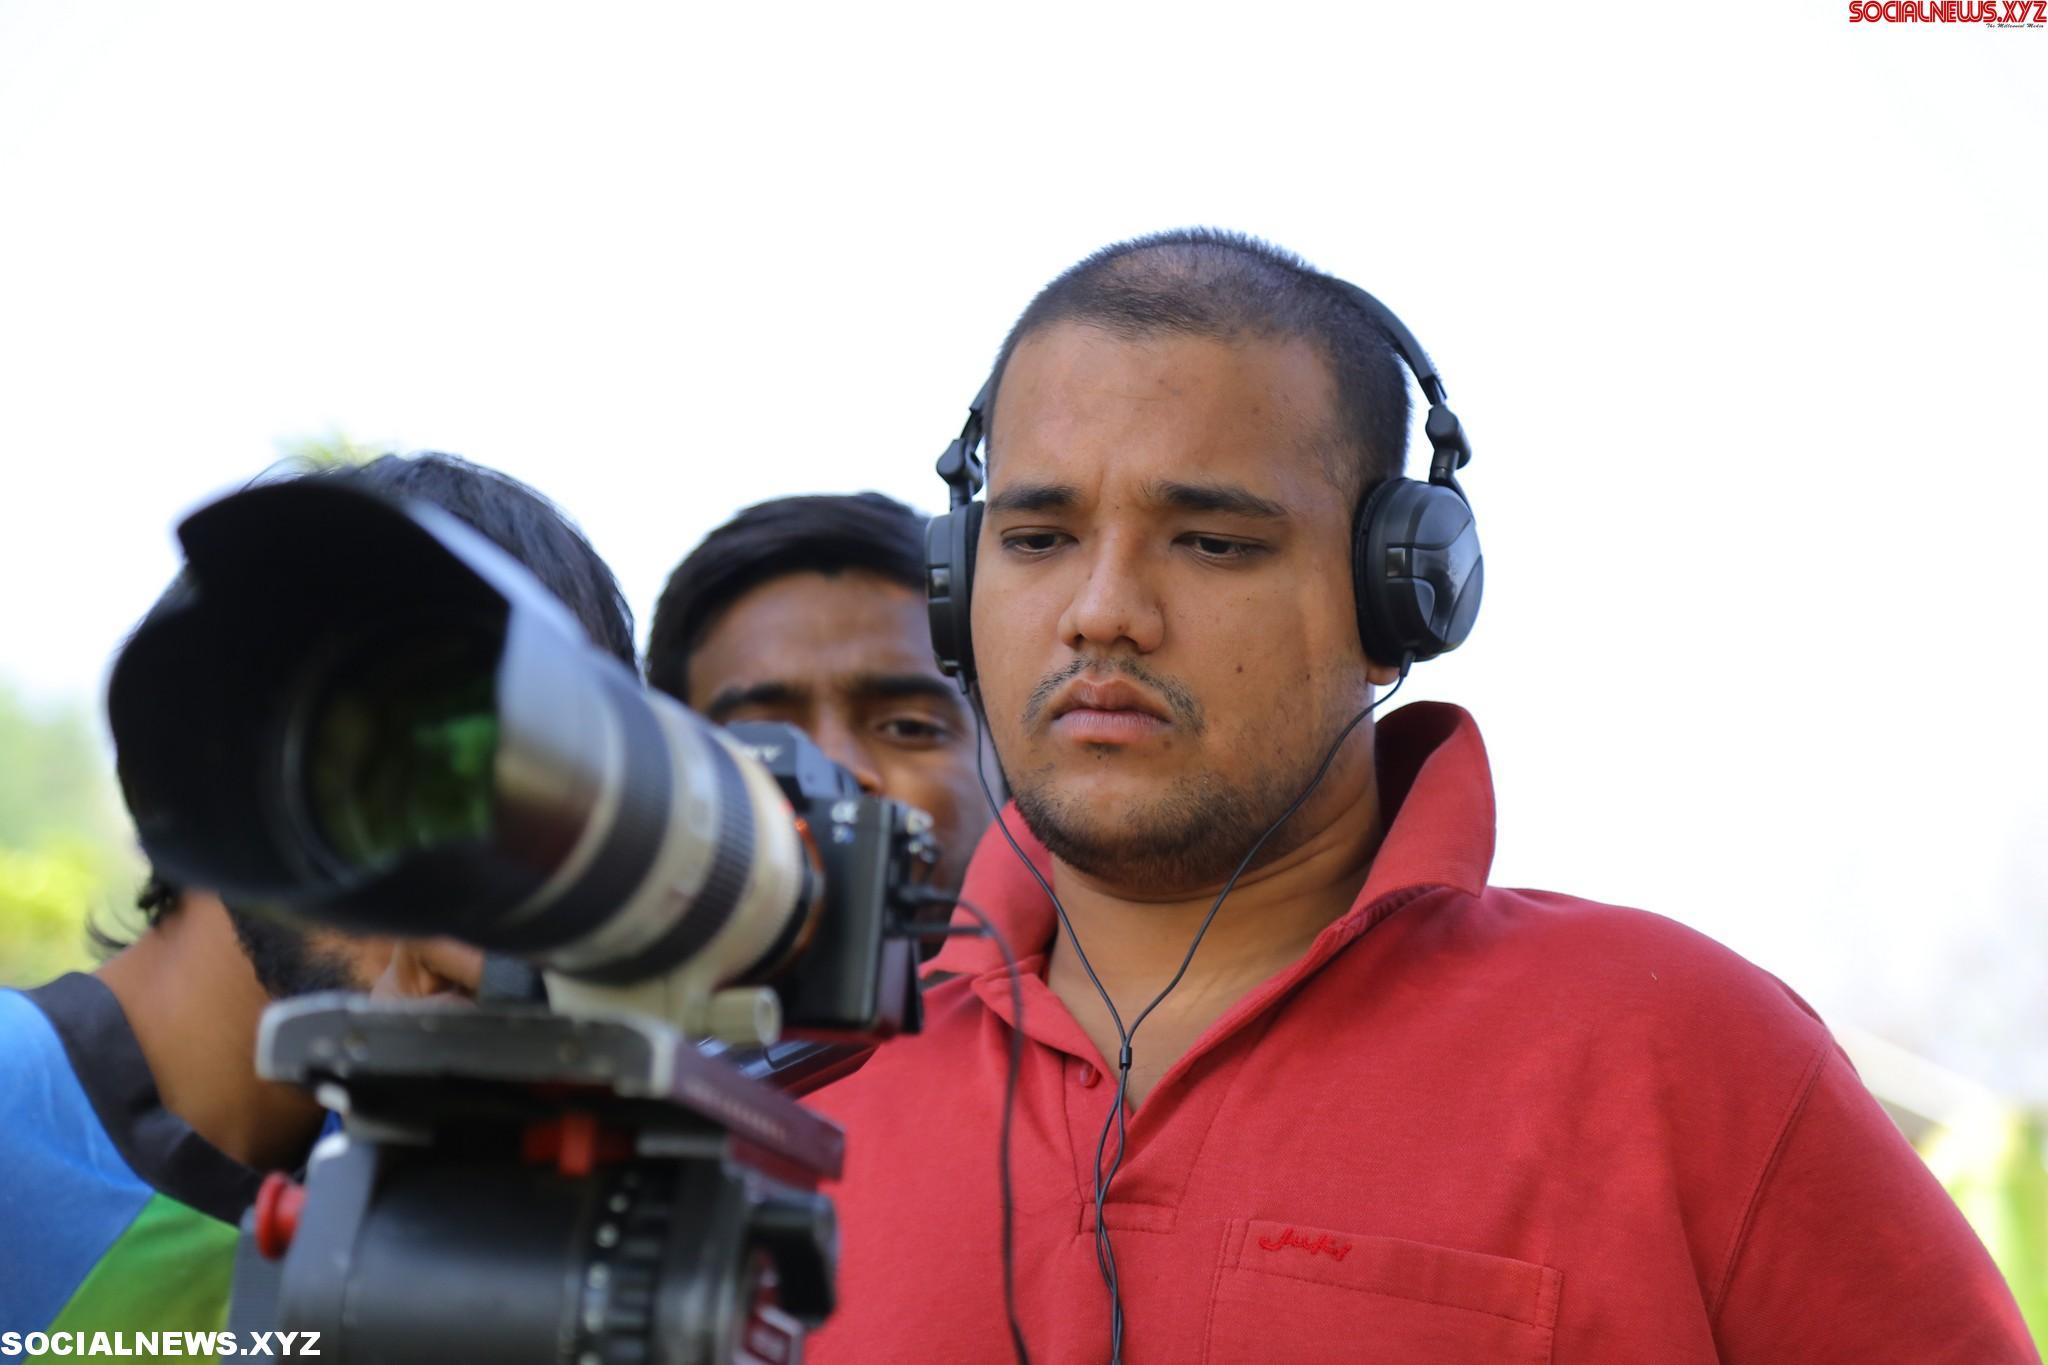 Devuda movie director Sai Ram Dasari apologies to Hindus